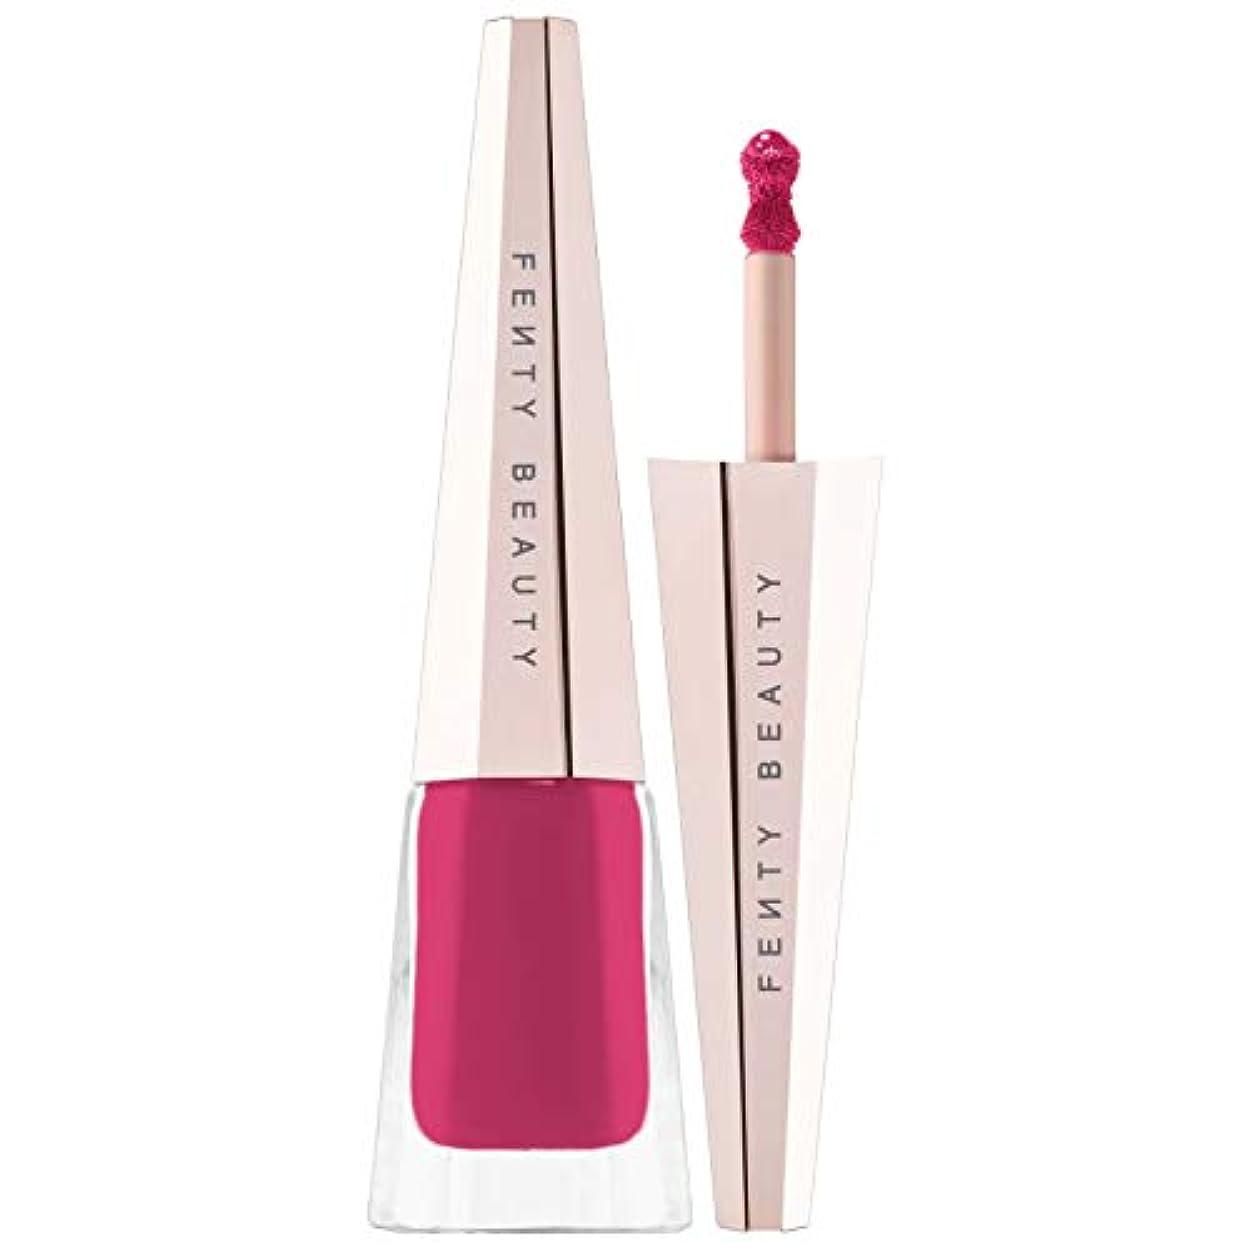 収束する好む乱れ【並行輸入品】FENTY BEAUTY BY RIHANNA フェンティ ビューティー Stunna Lip Paint Longwear Fluid Lip Color Unlocked